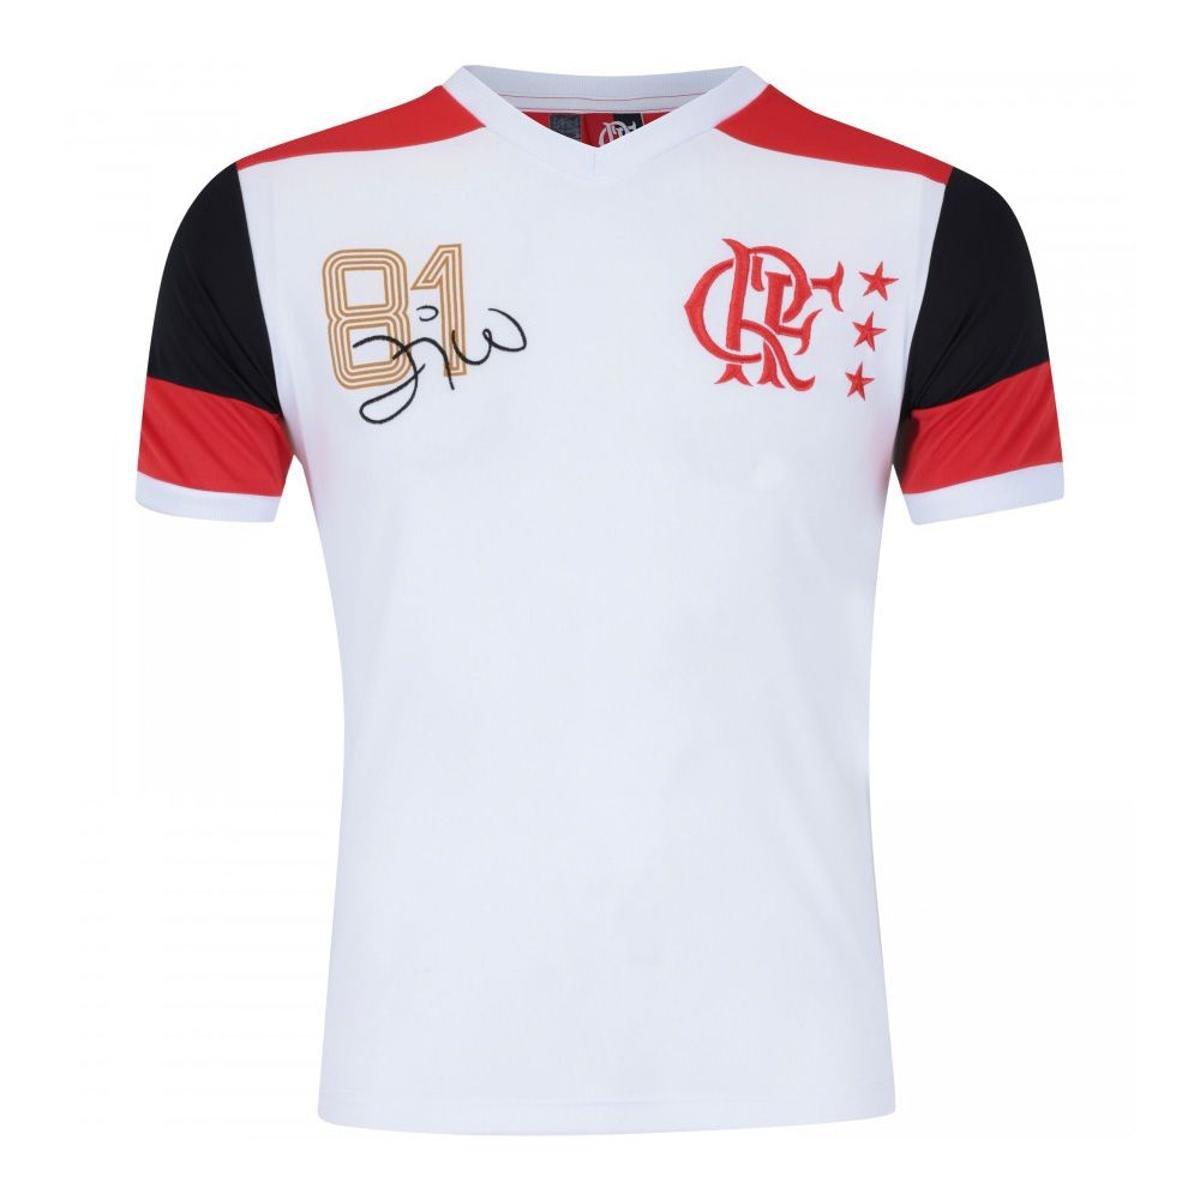 3f59b7c81dfcf Camisa Retrô Flamengo Réplica Mundial 81 Zico DRY - Compre Agora ...